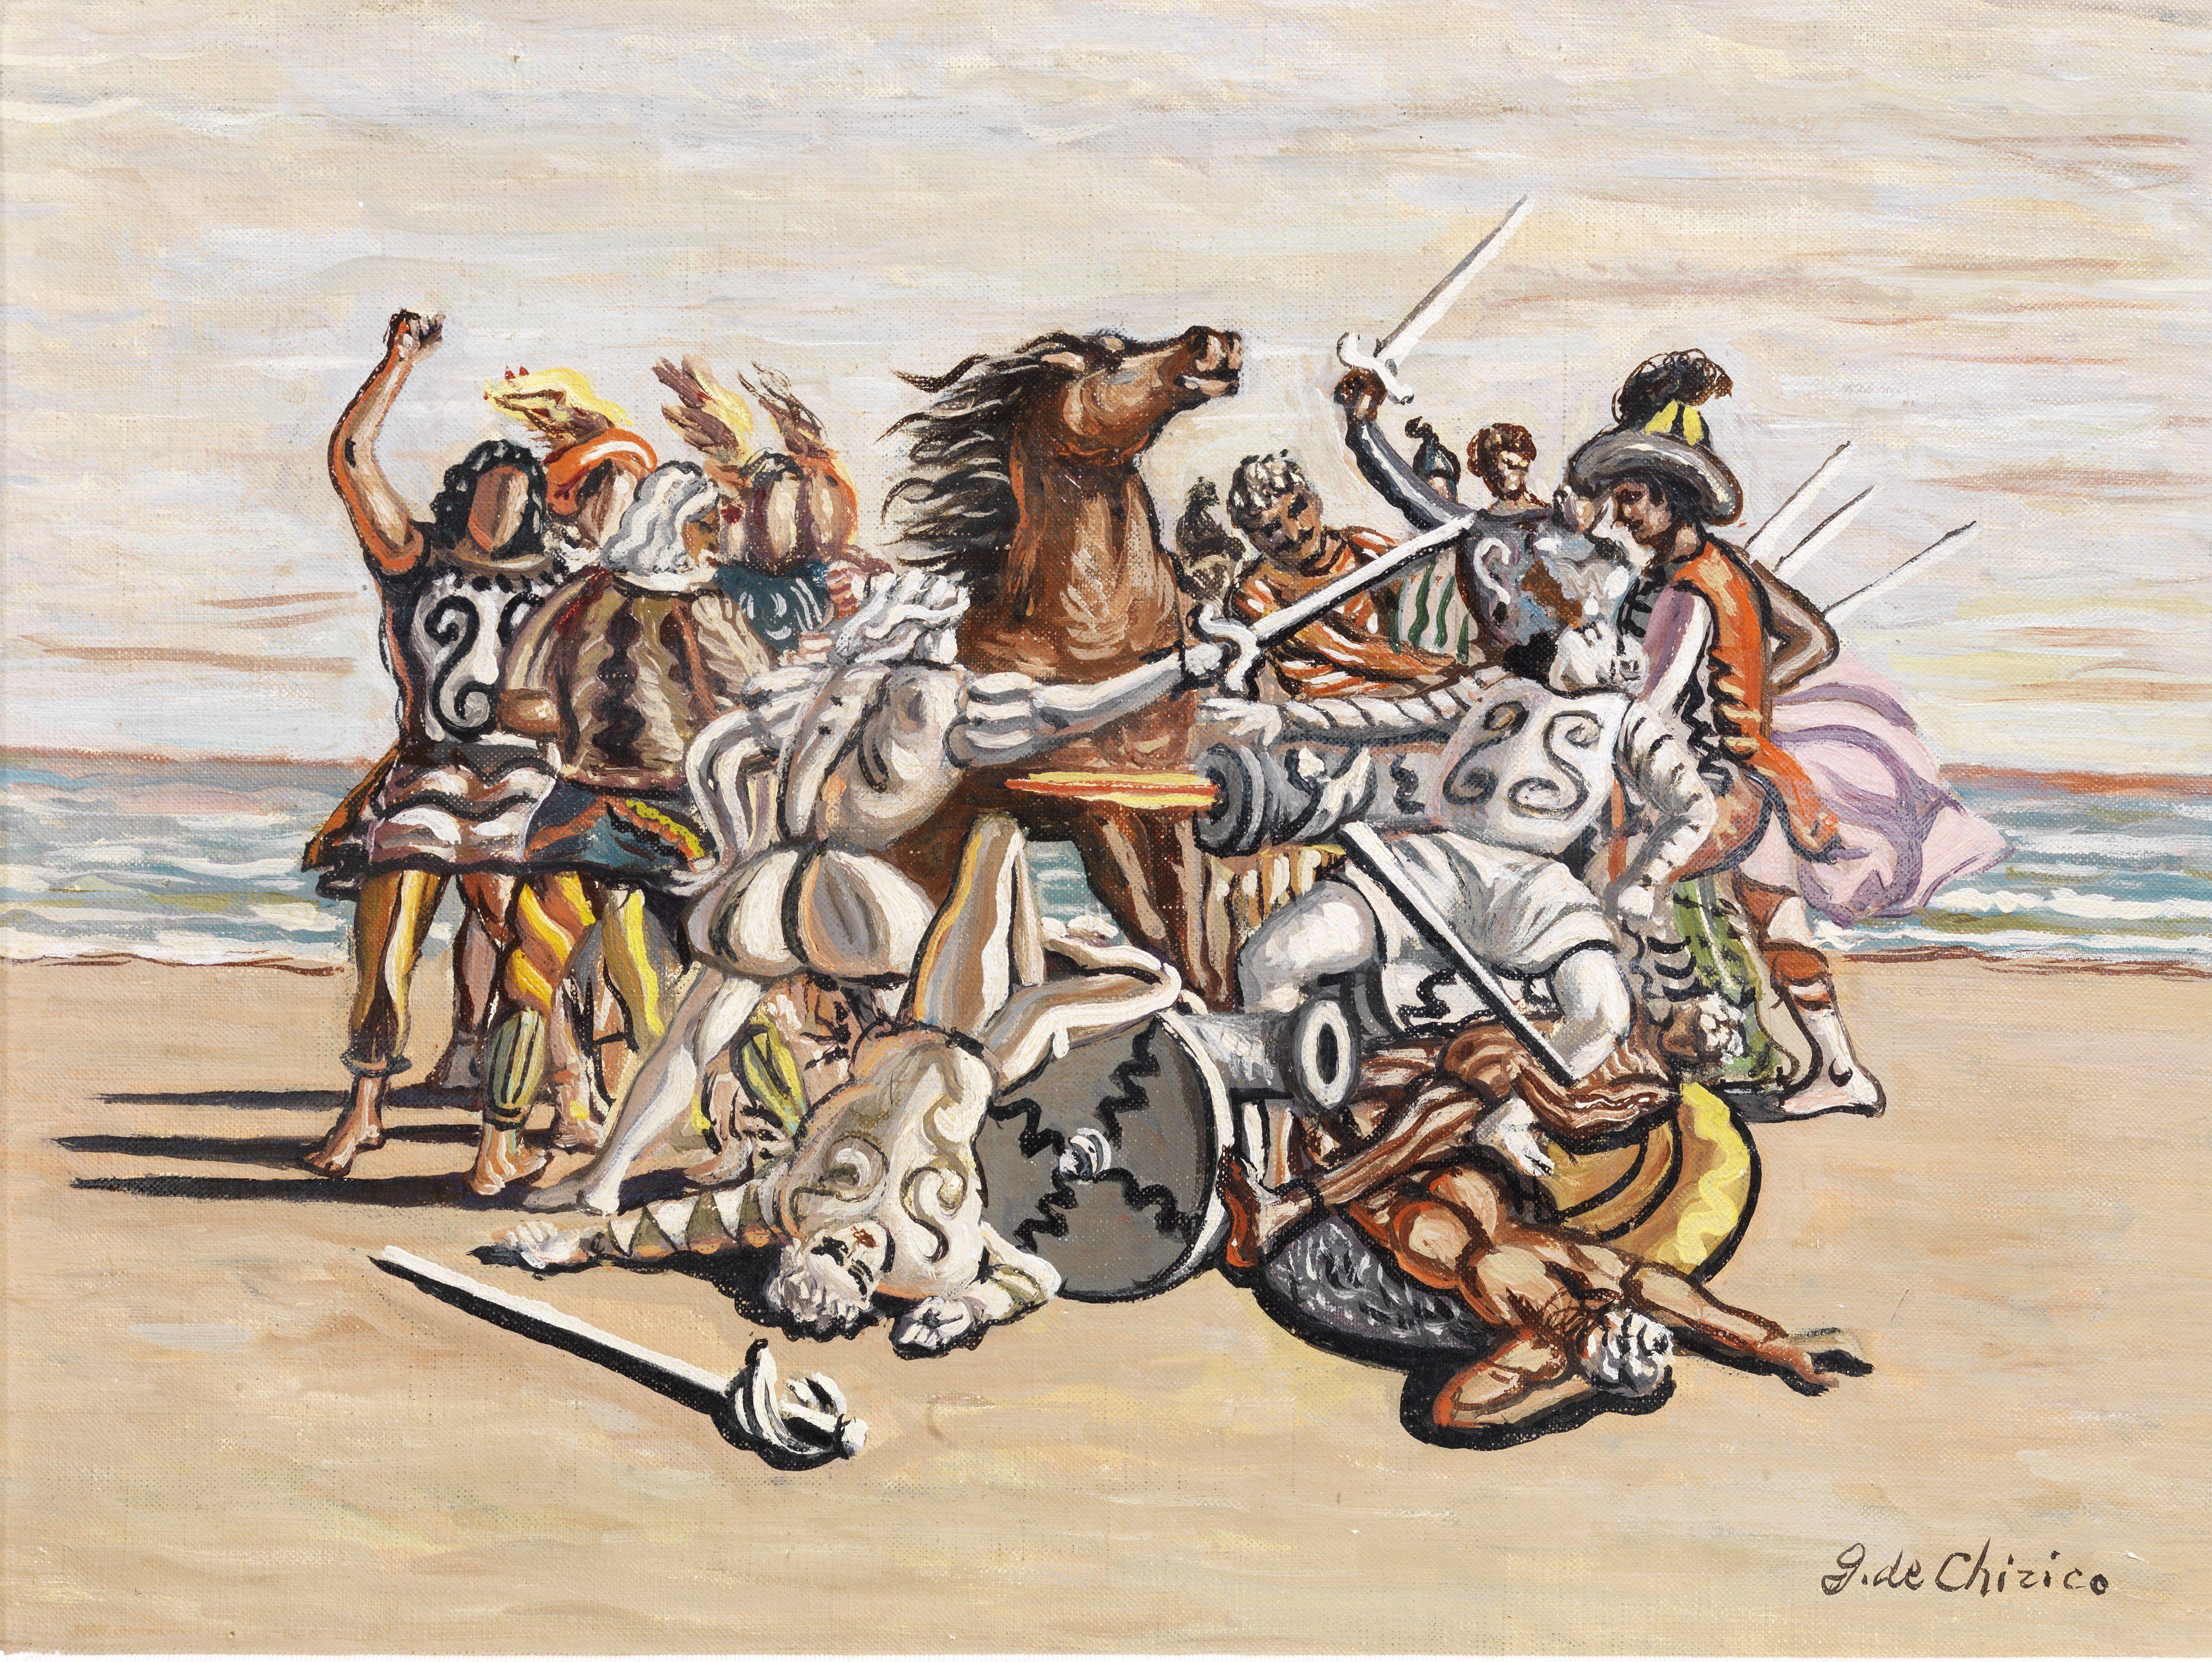 Giorgio de Chirico, Combattimento di puritani, 1933 ca. Courtesy Tornabuoni Art.